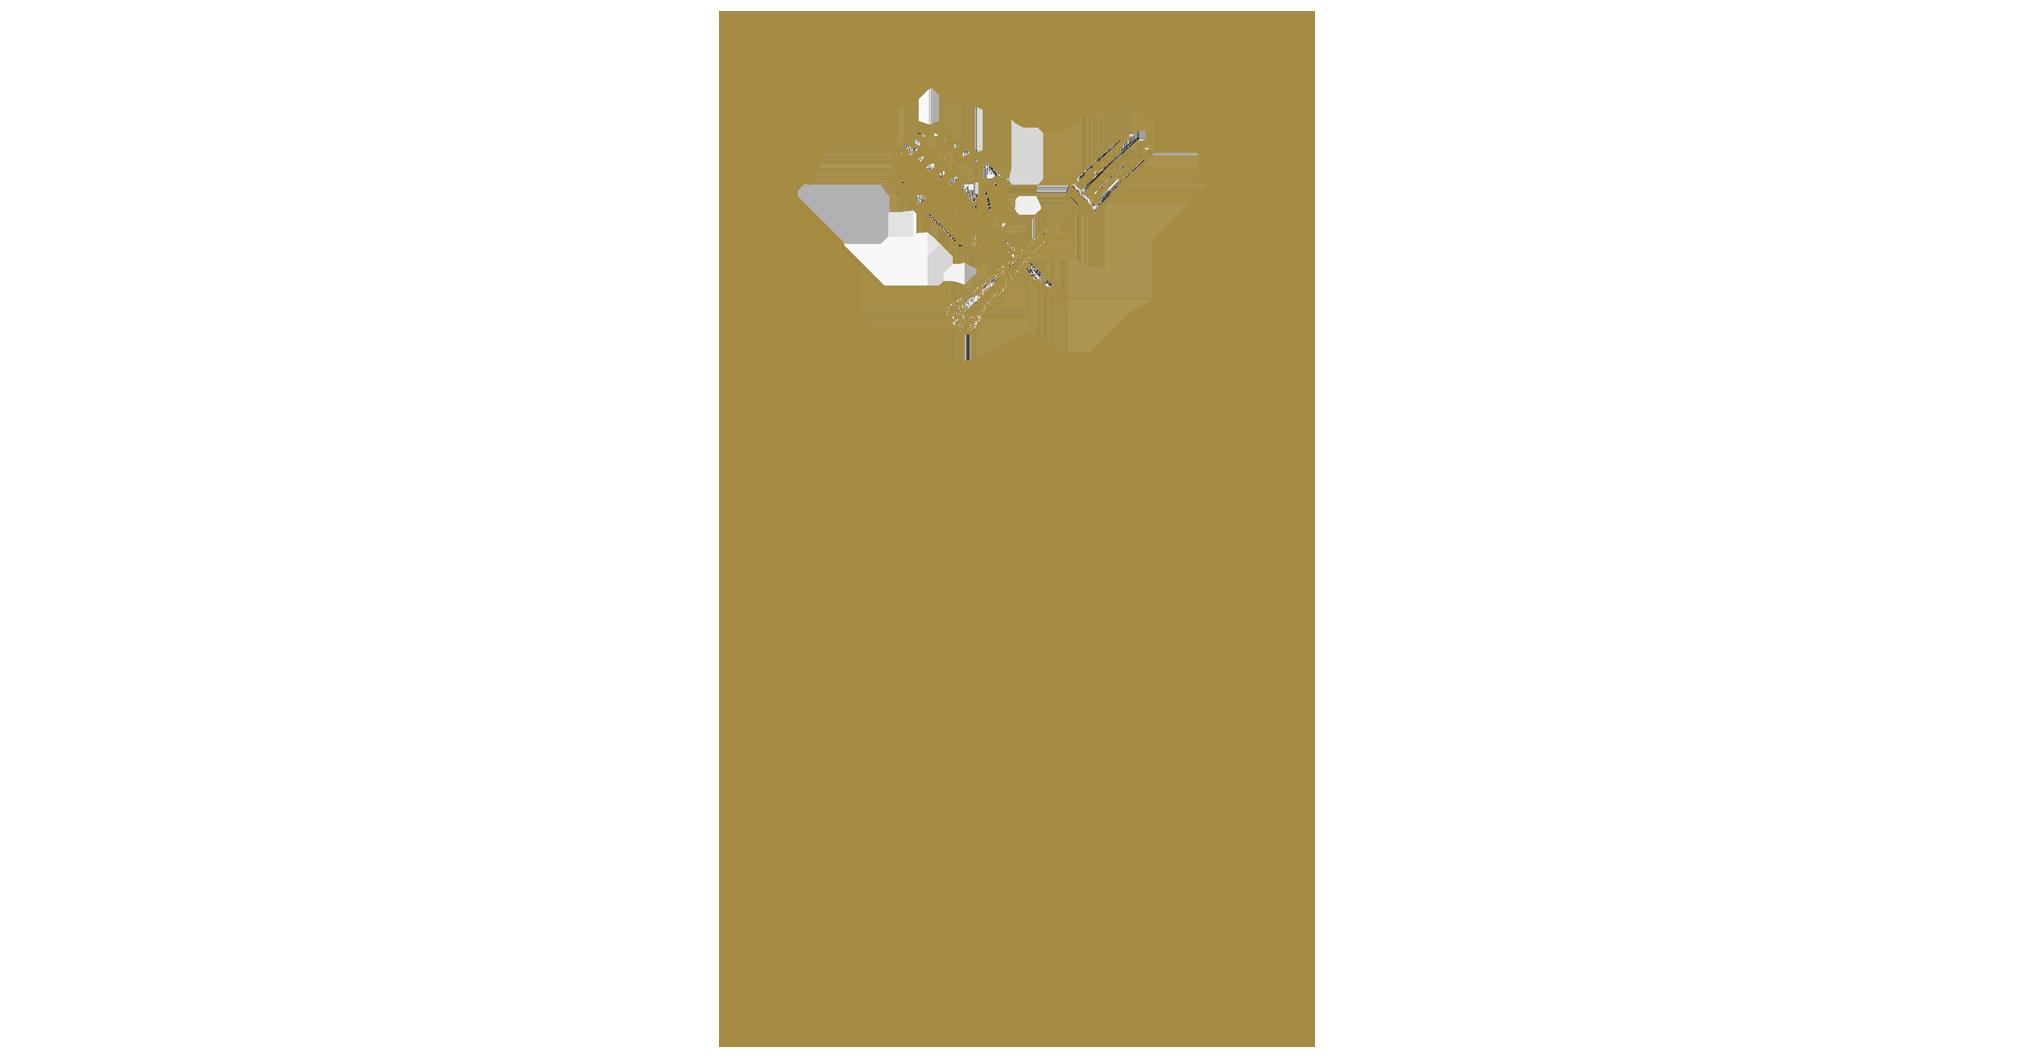 BAK.png